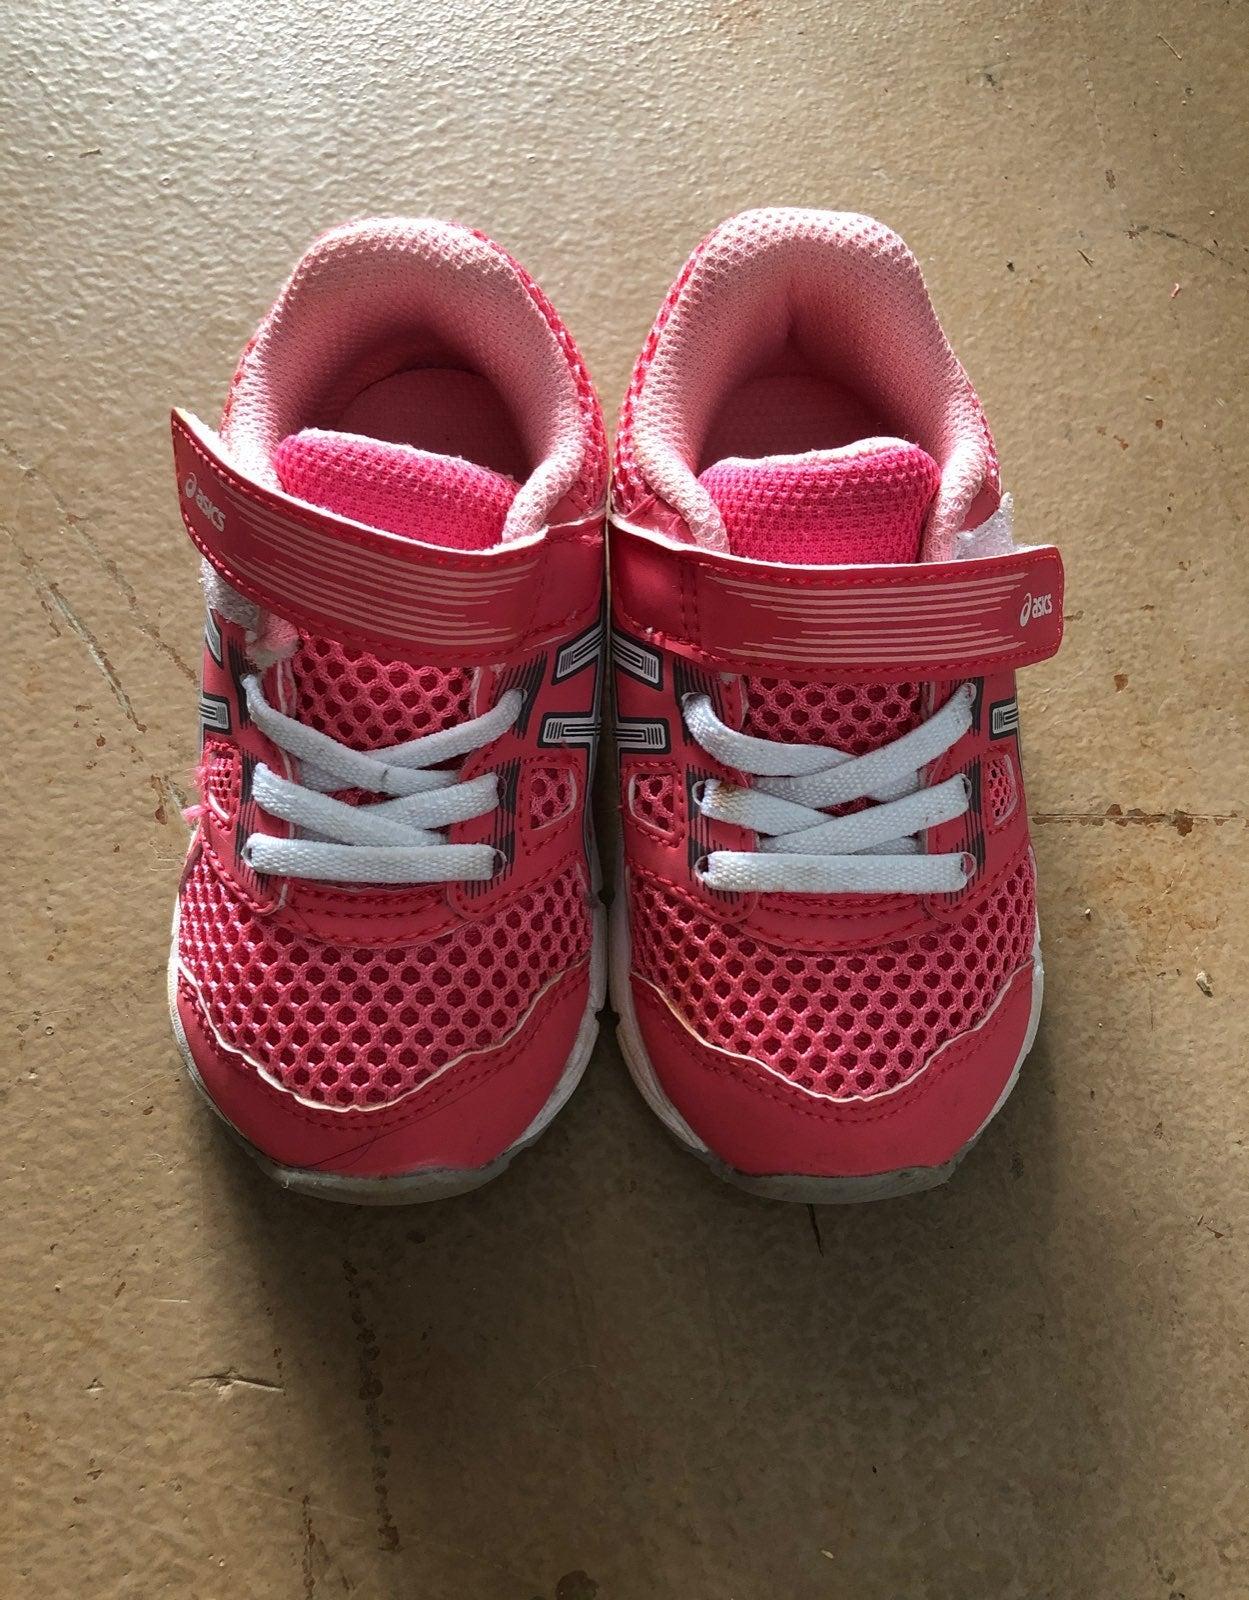 Asics girls Shoes size 5c